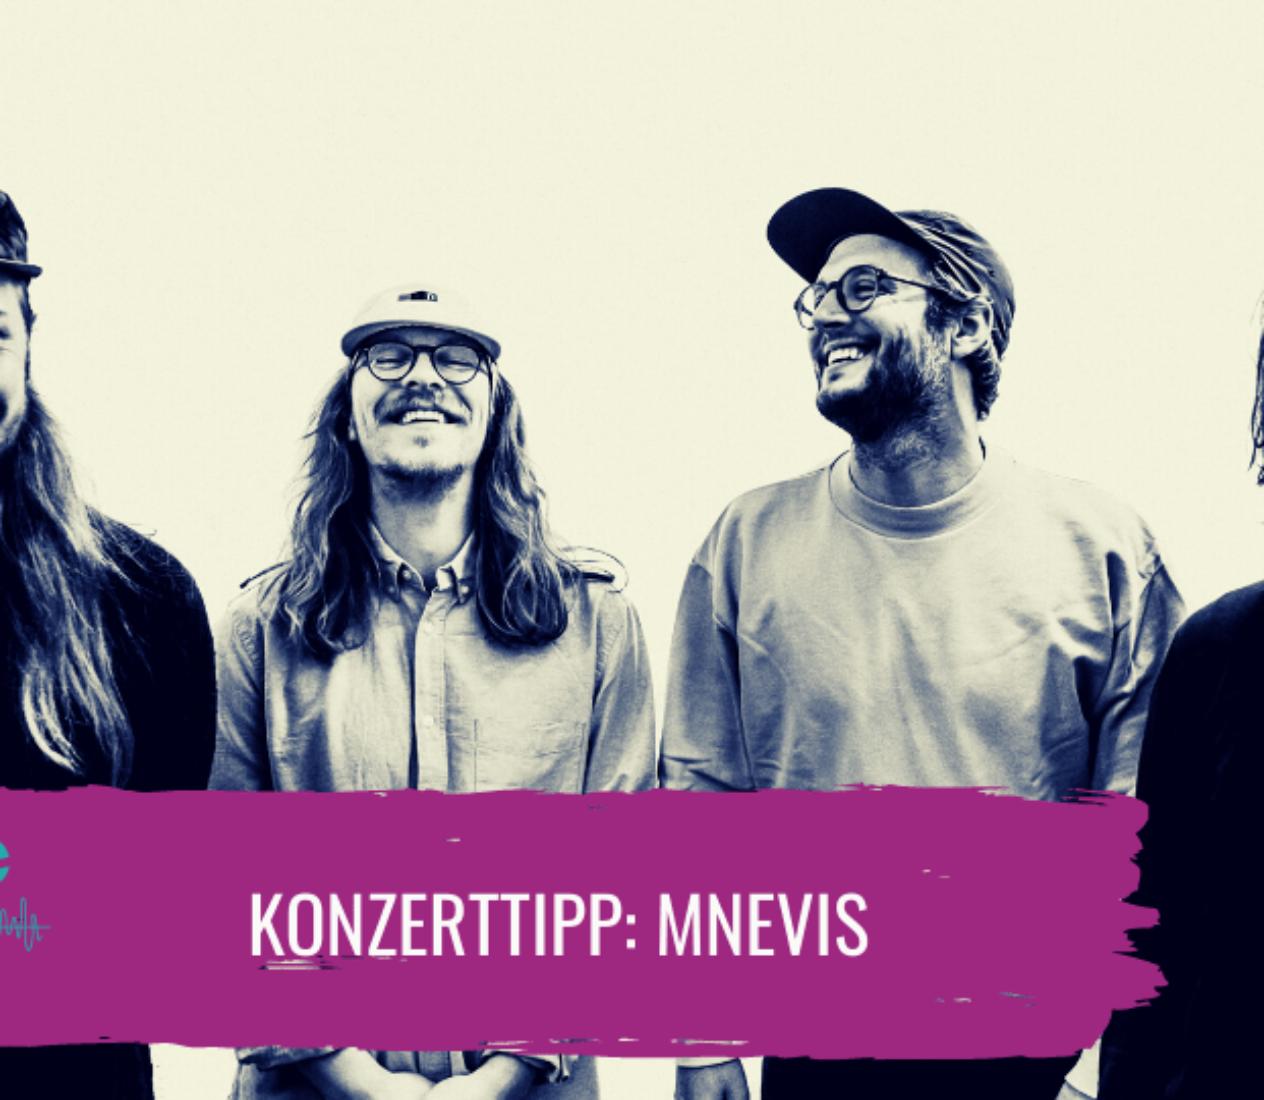 Konzert-Tipp: Mnevis – Gute-Laune-Indie-Pop pur